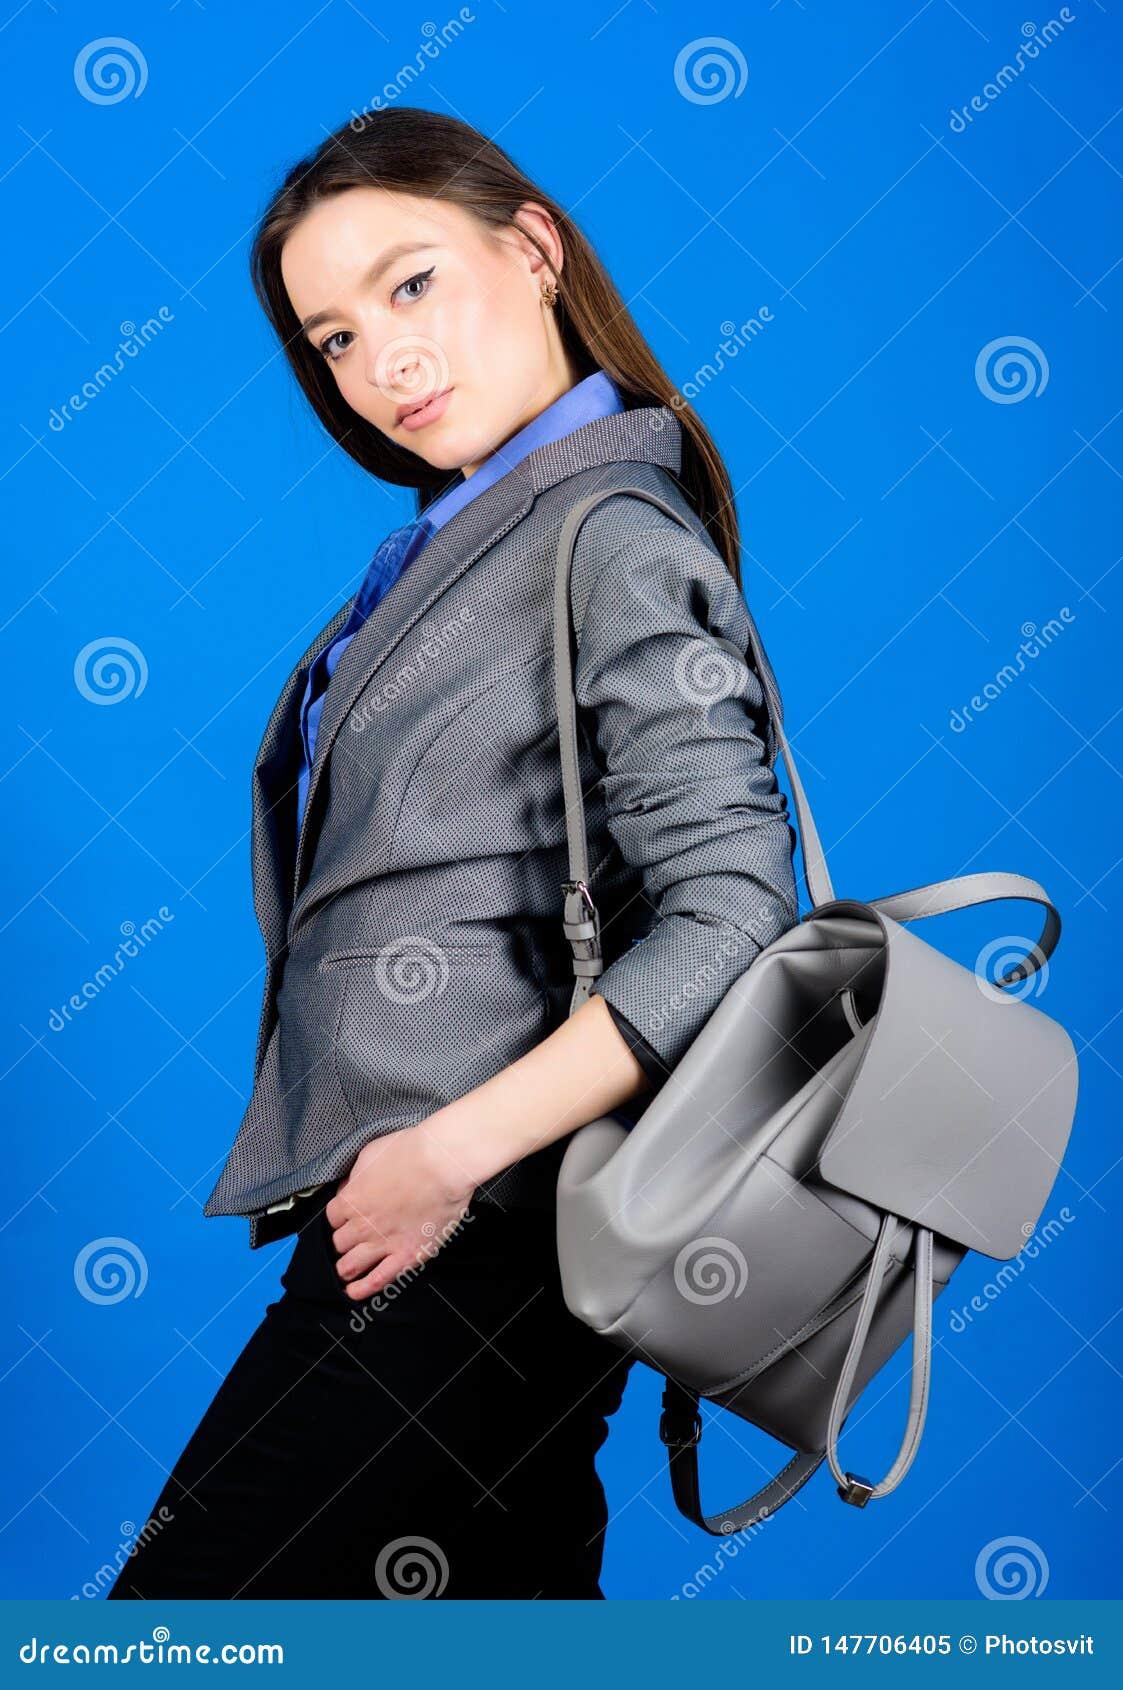 Moda femenina del bolso estudiante en ropa formal Estudiante Life Belleza elegante nerd Negocios Muchacha de Shool con la mochila